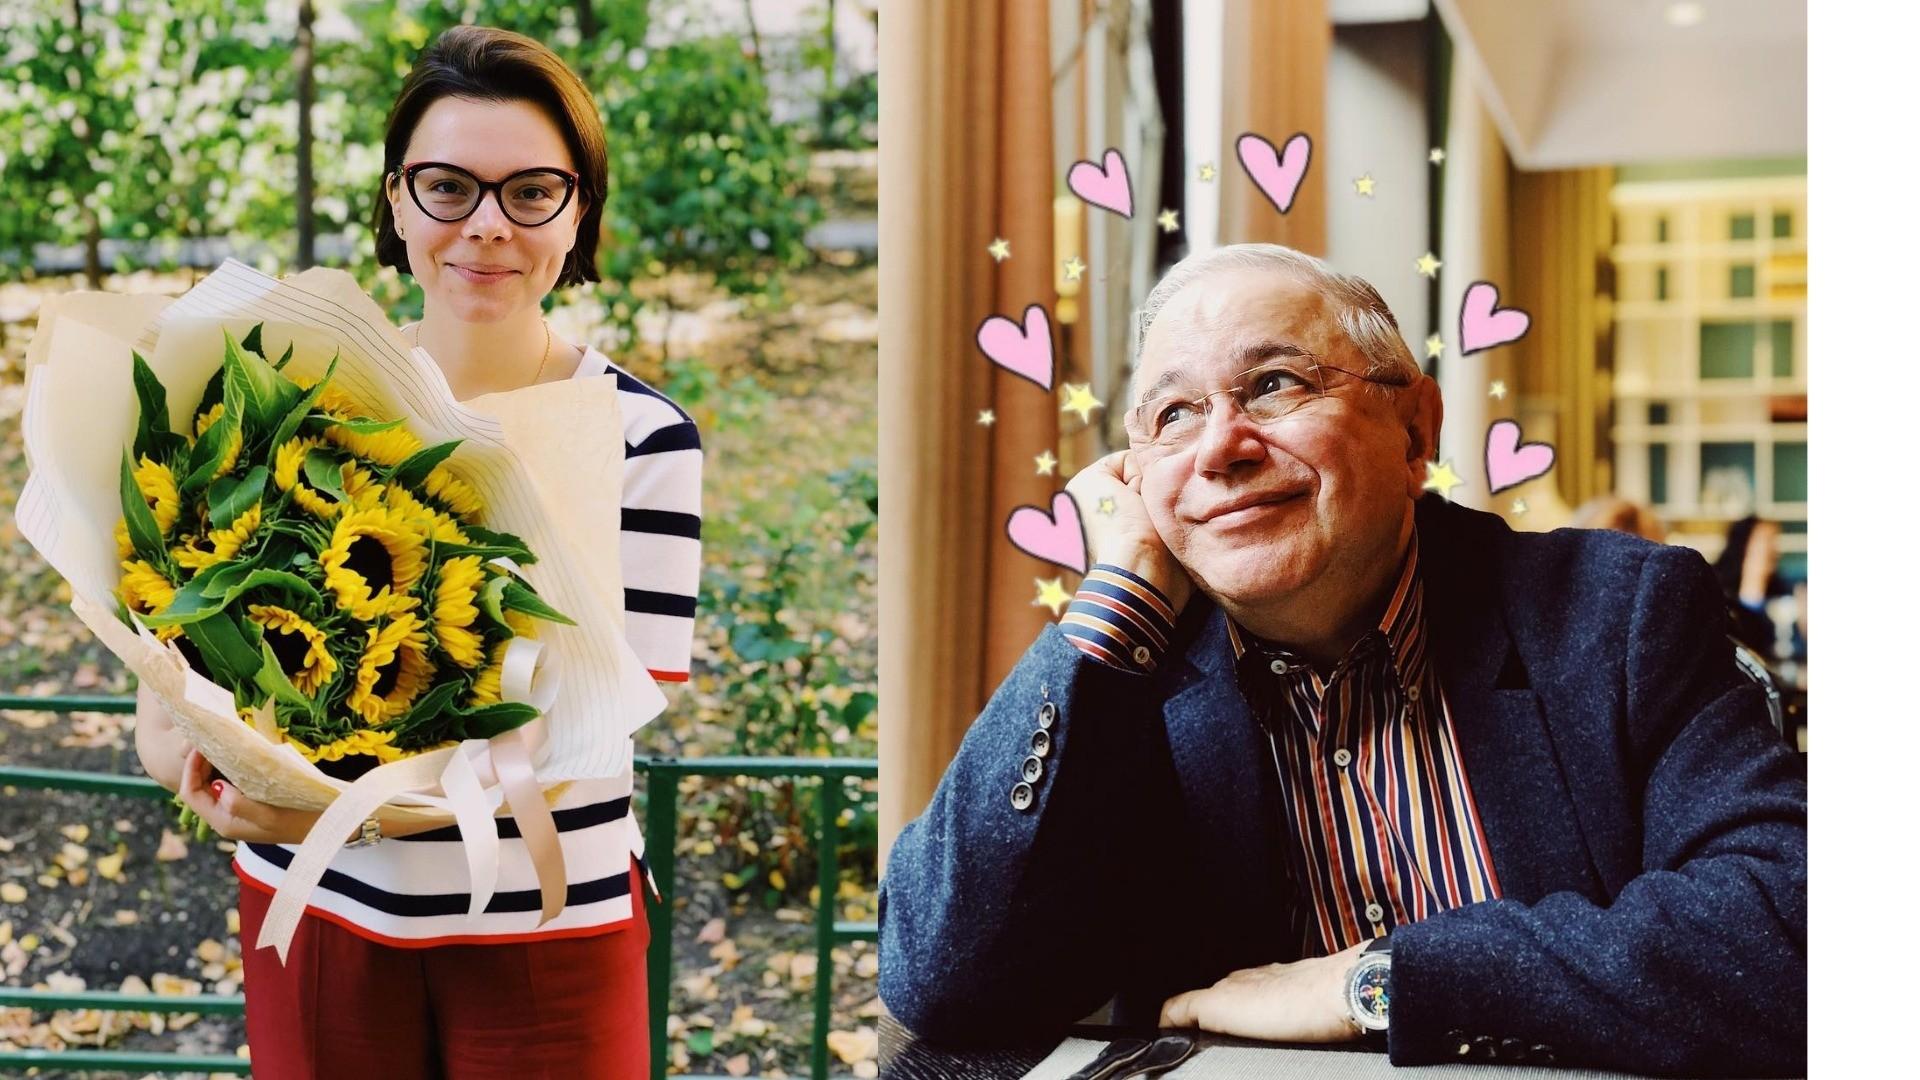 Евгений Петросян обвенчается с молодой возлюбленной: предсказание ясновидящей